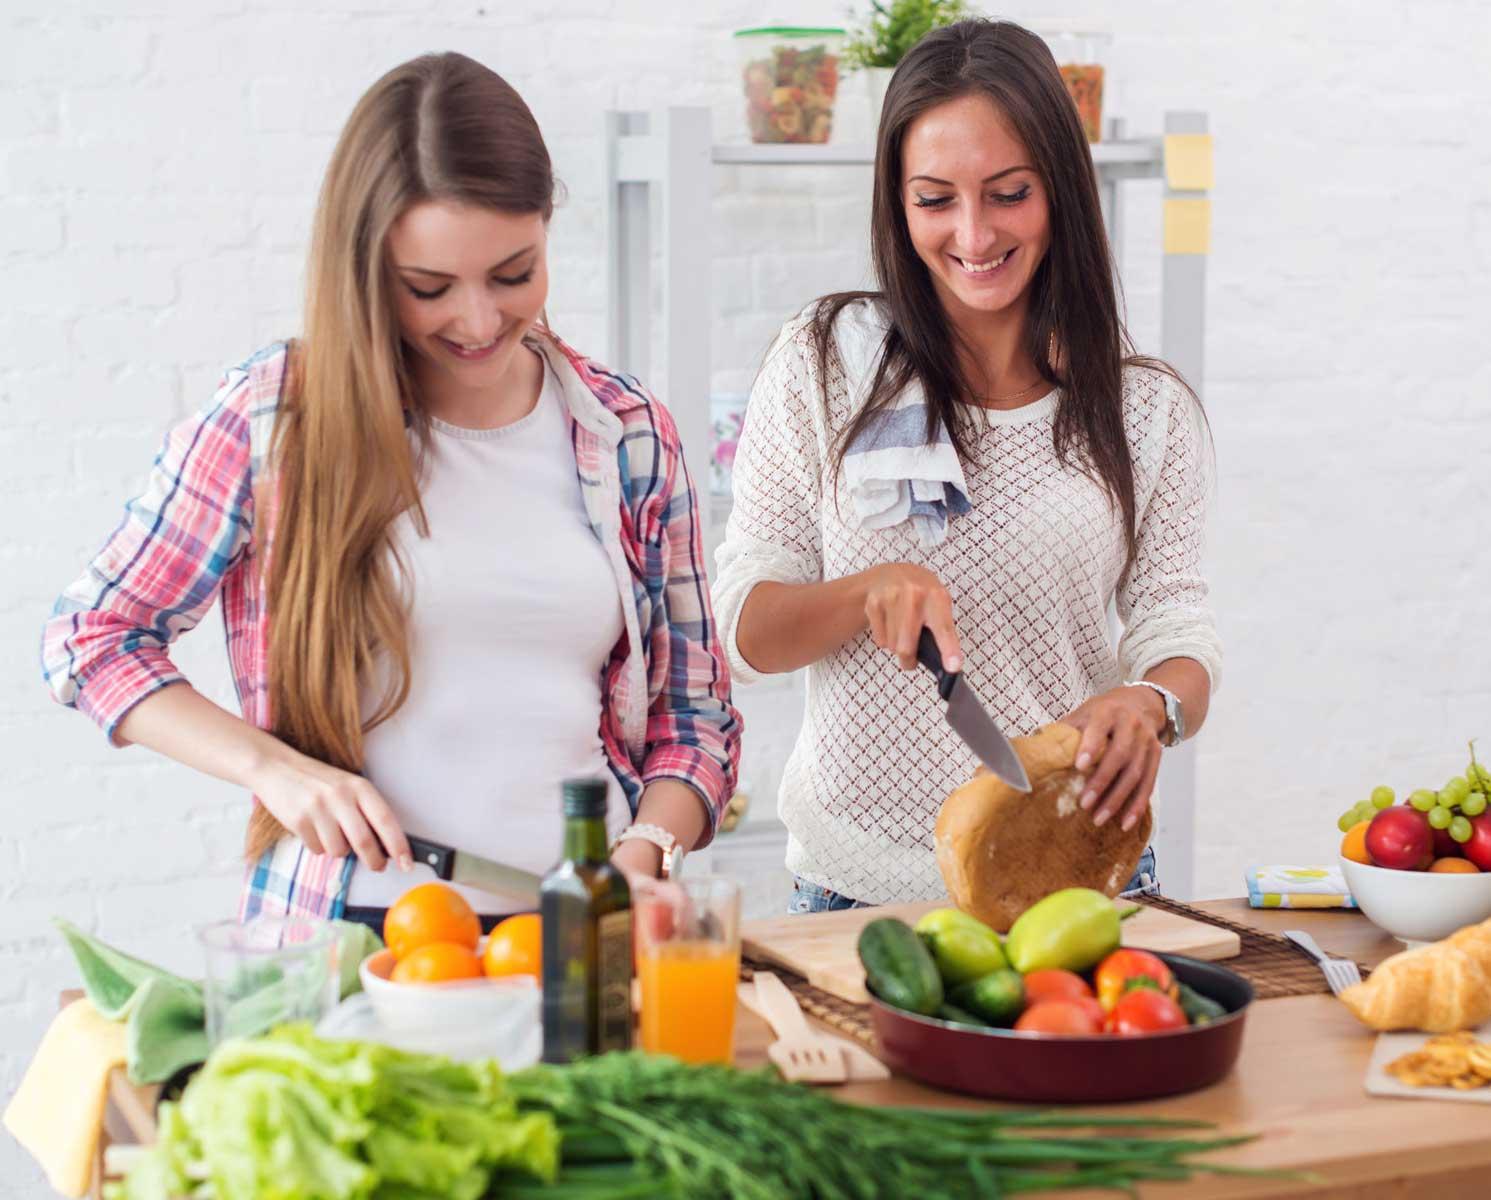 Programas de Educação Alimentar